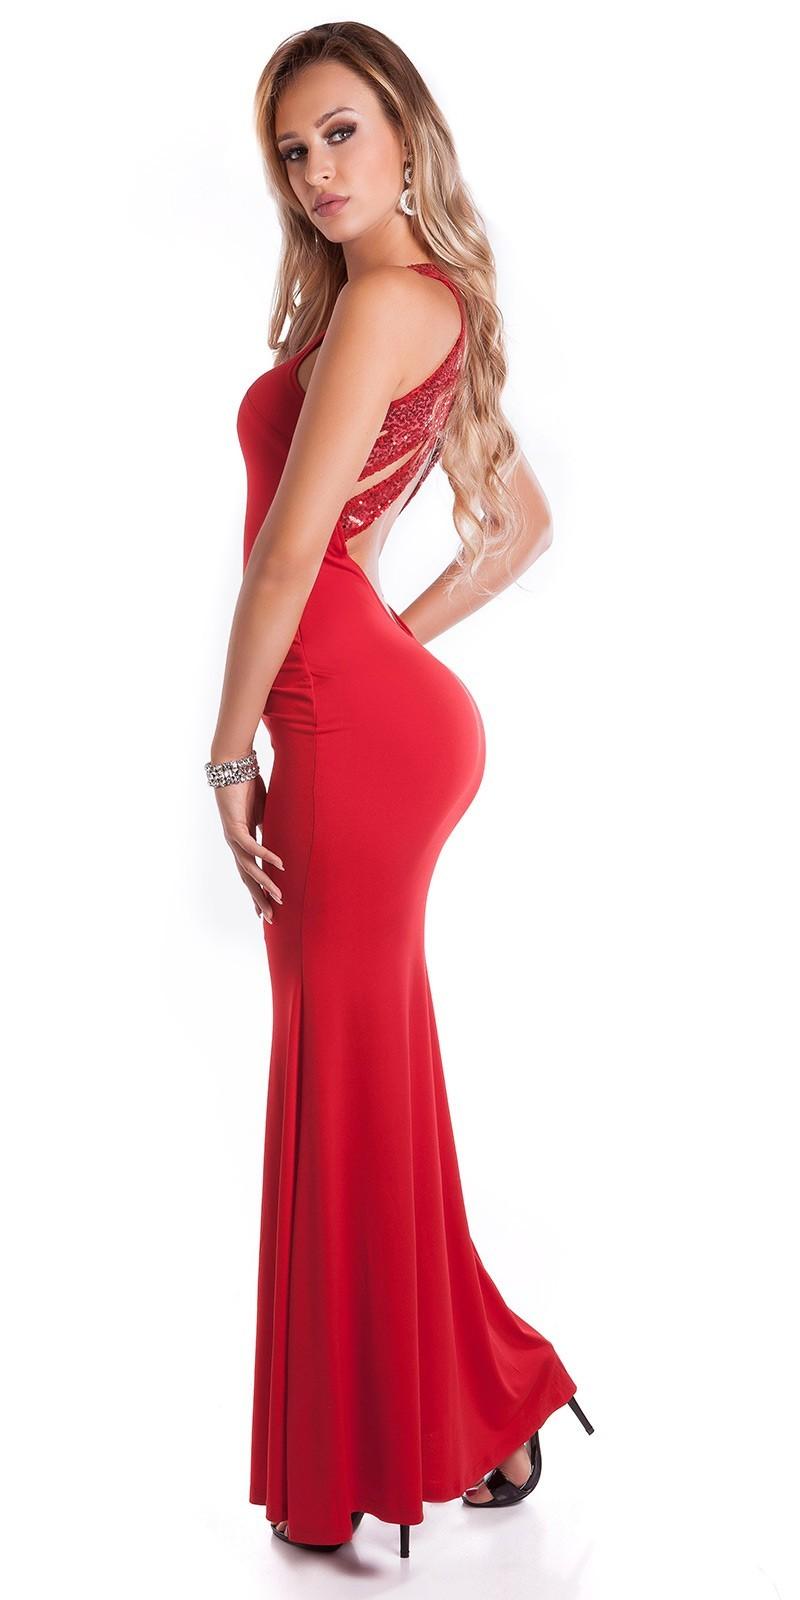 91b1ca73da45 Spoločenské šaty s holým chrbtom Red – Sissy Boutique